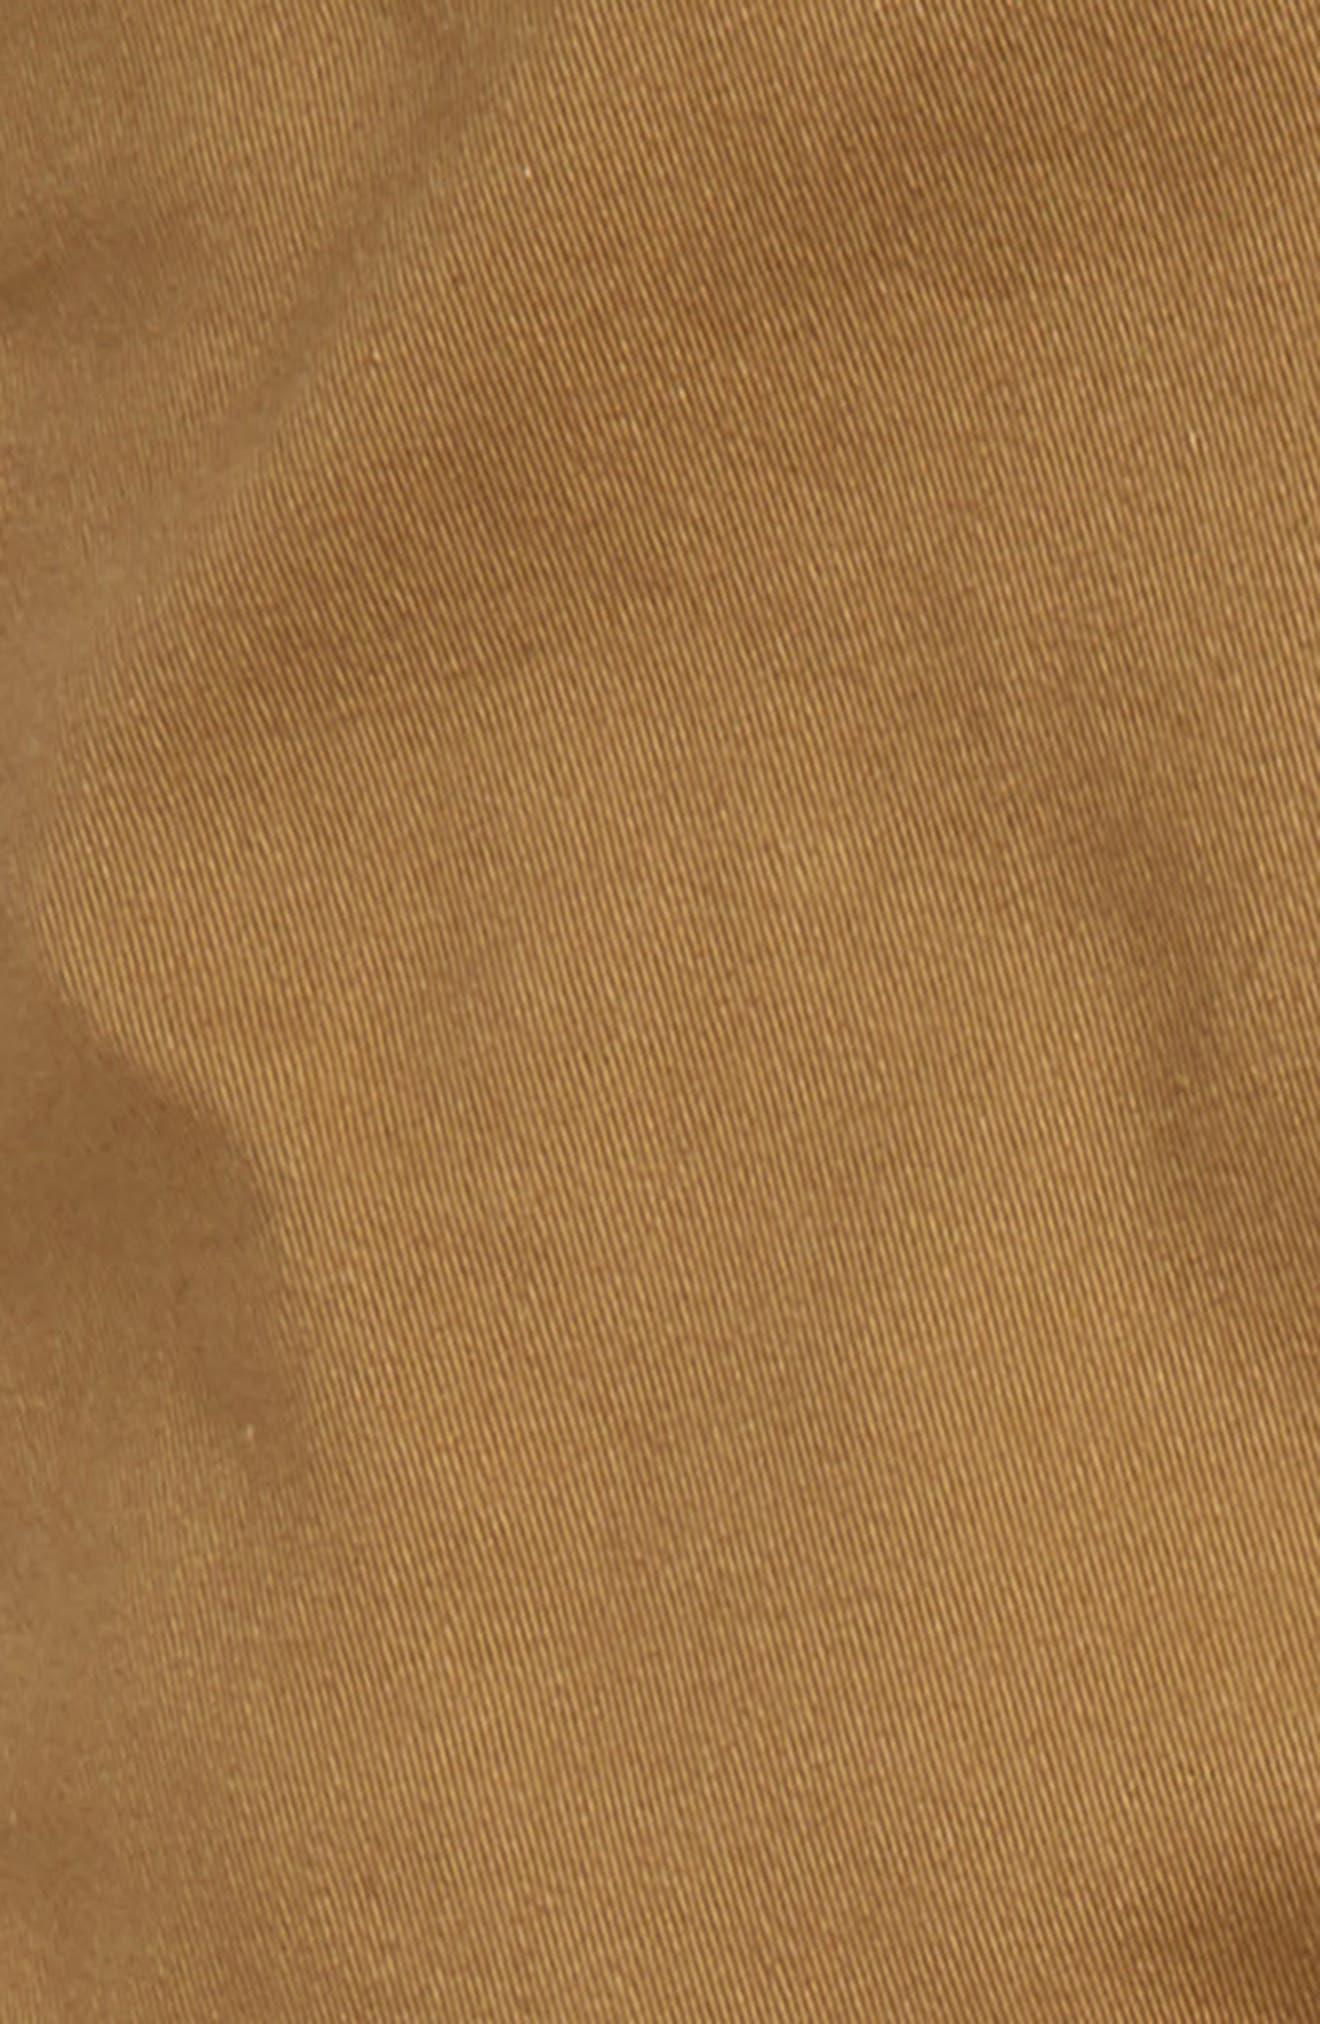 'V56 Standard AV Covina' Pants,                             Alternate thumbnail 4, color,                             DIRT